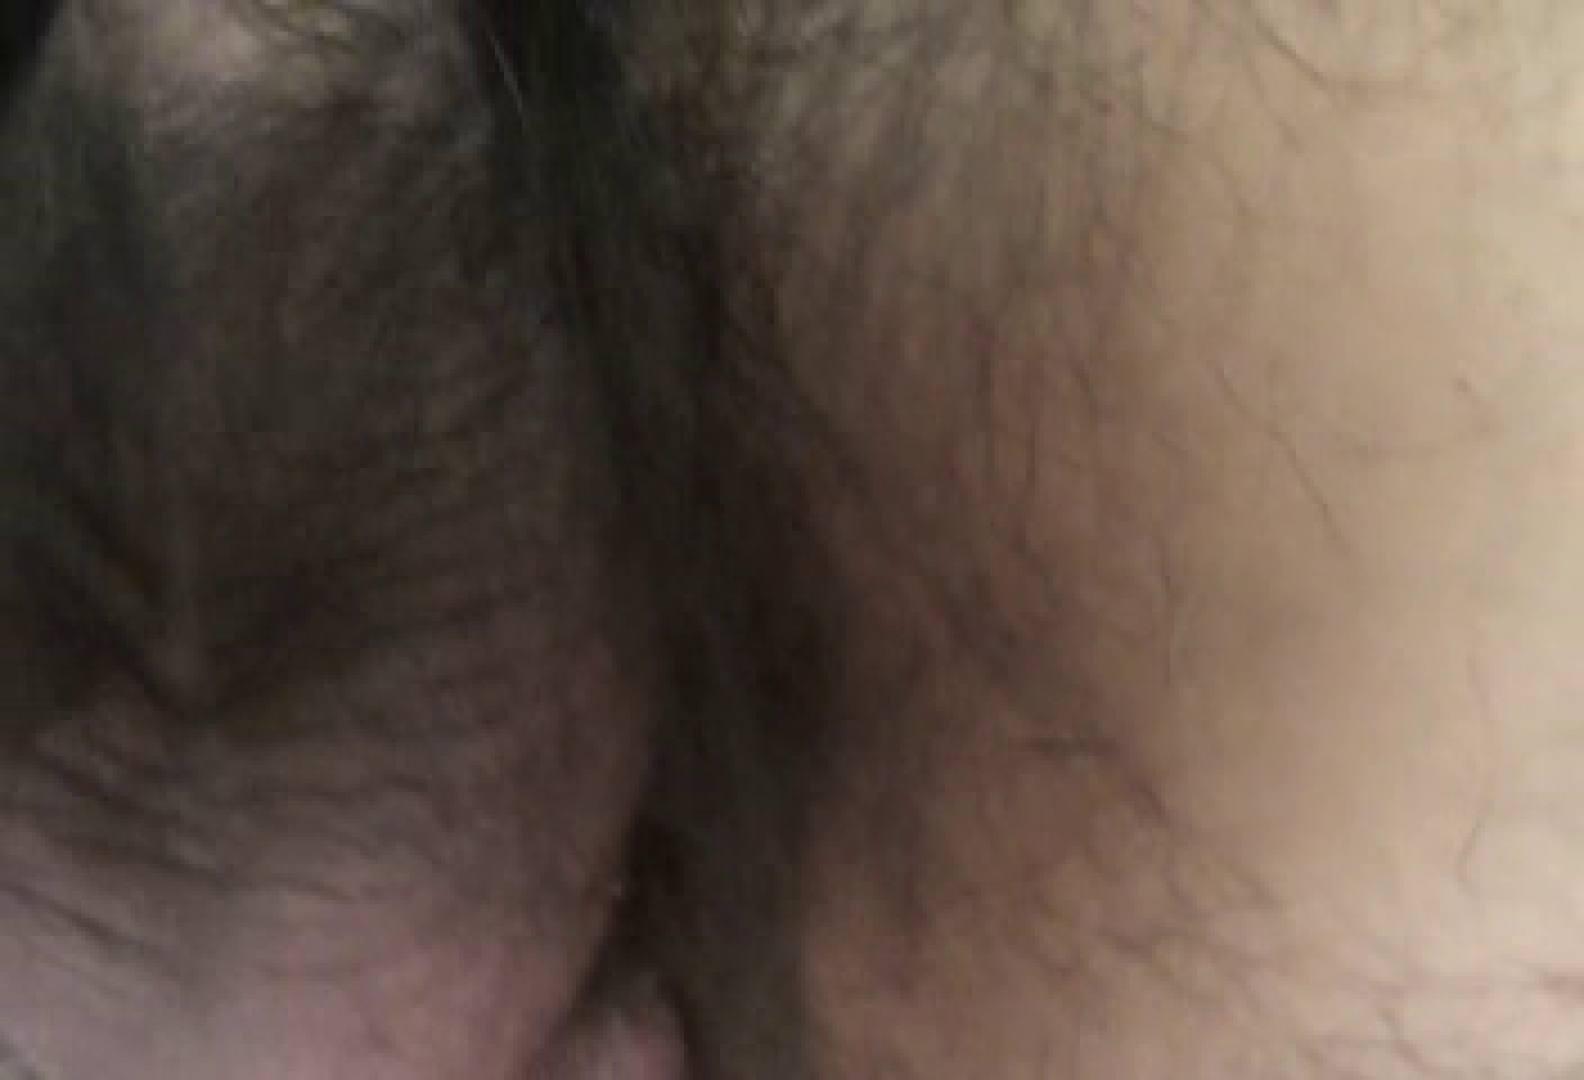 アイマスクでおもいっきり性感帯!!vol.03 ハメ撮り ゲイエロビデオ画像 81枚 51